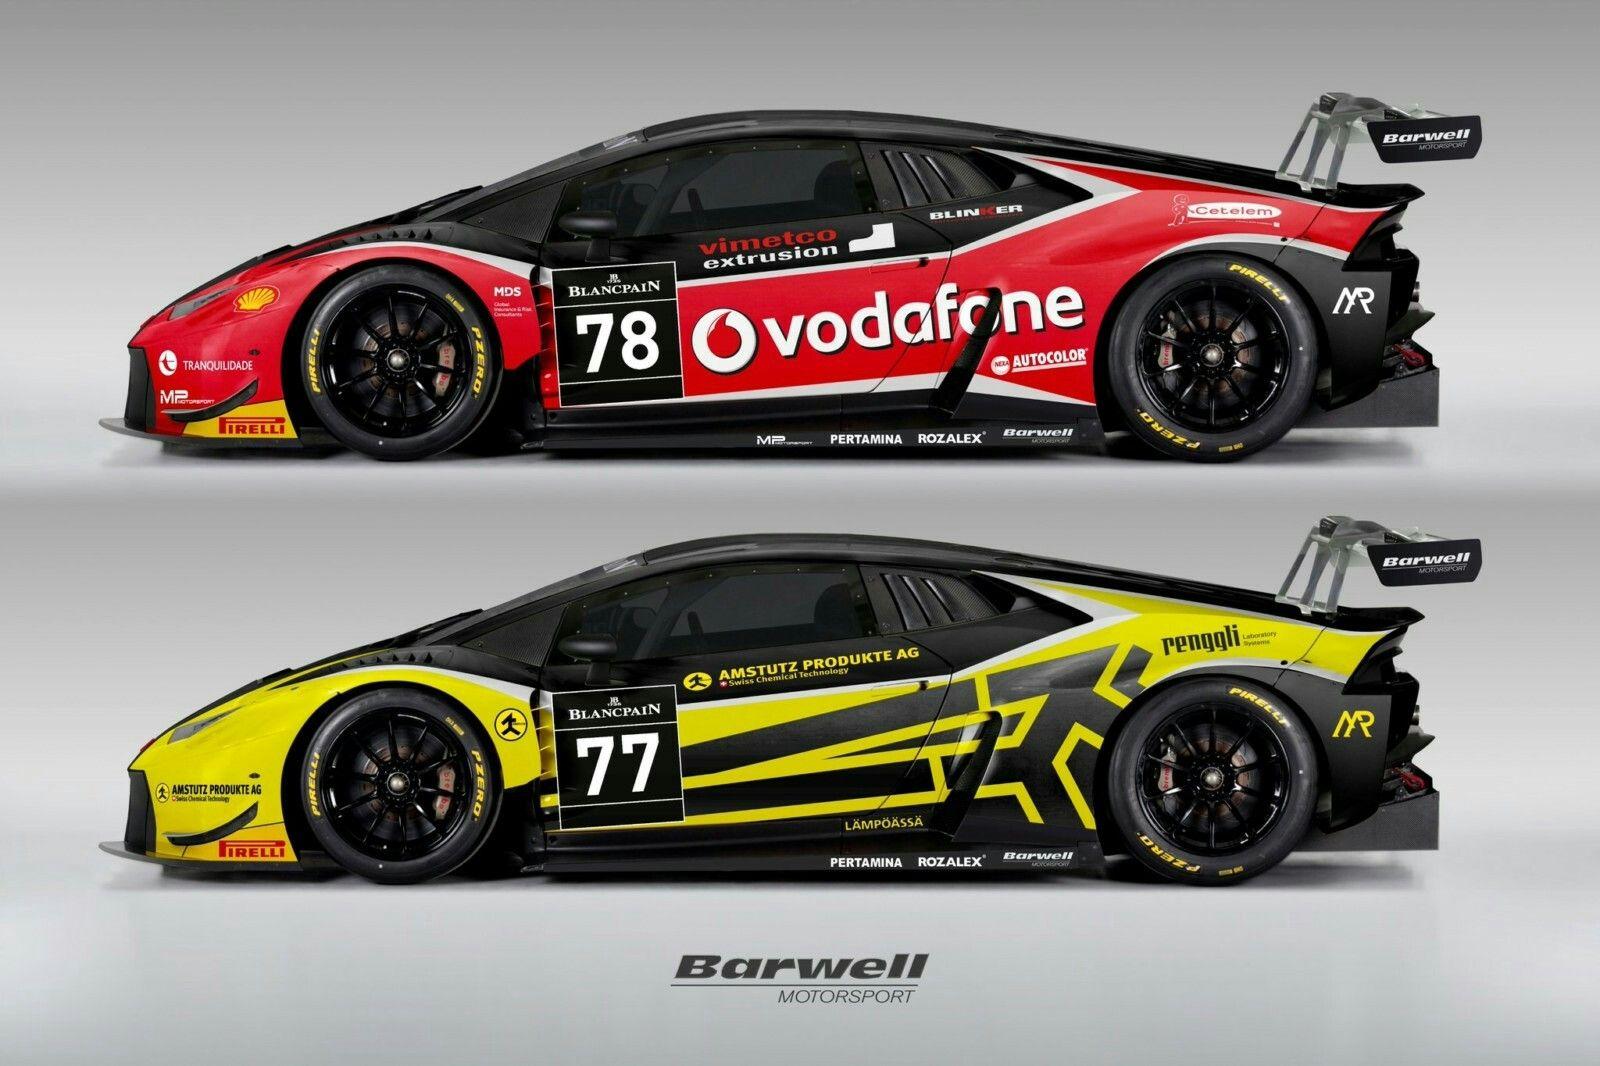 Barwell Motorsport Avec Deux Lamborghini Huracan Actu Moteurs Com